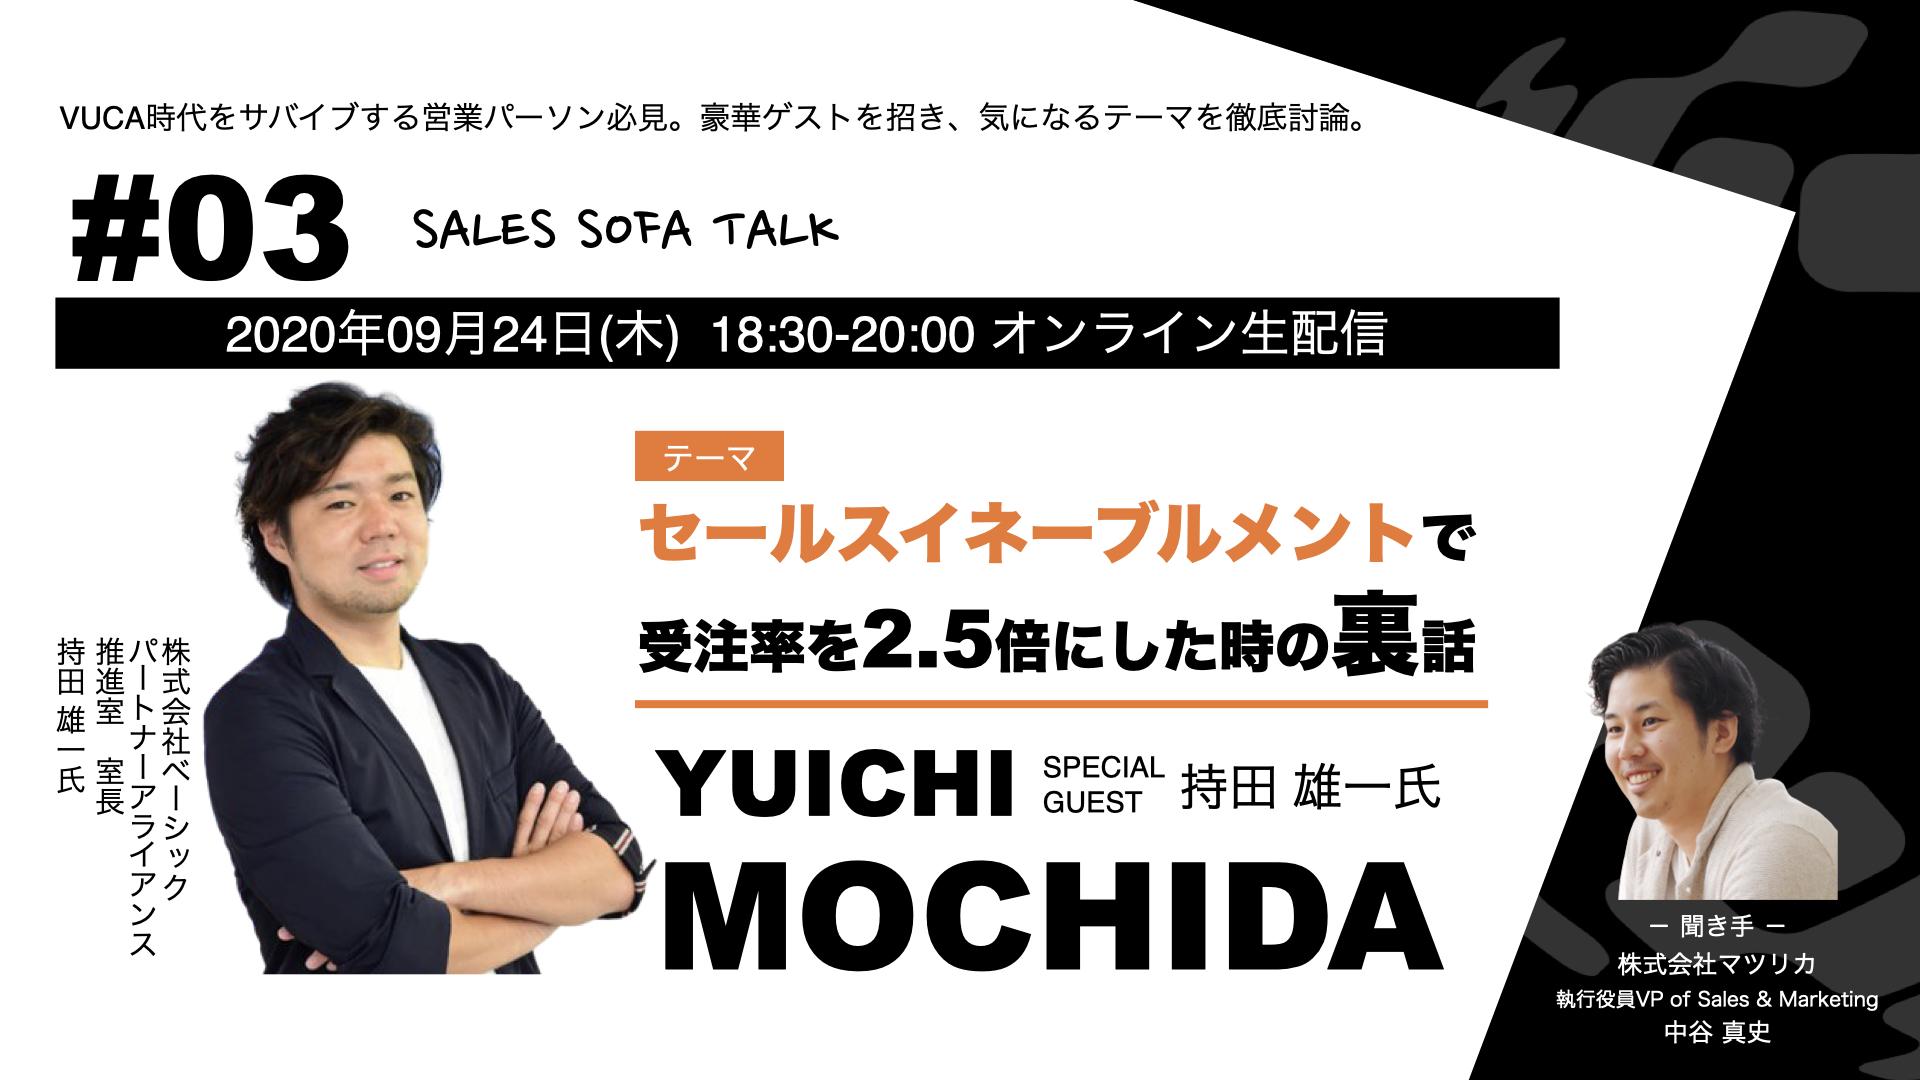 SALES SOFA TALK #03 持田雄一氏 「セールスイネーブルメントで受注率を2.5倍にした時の裏話